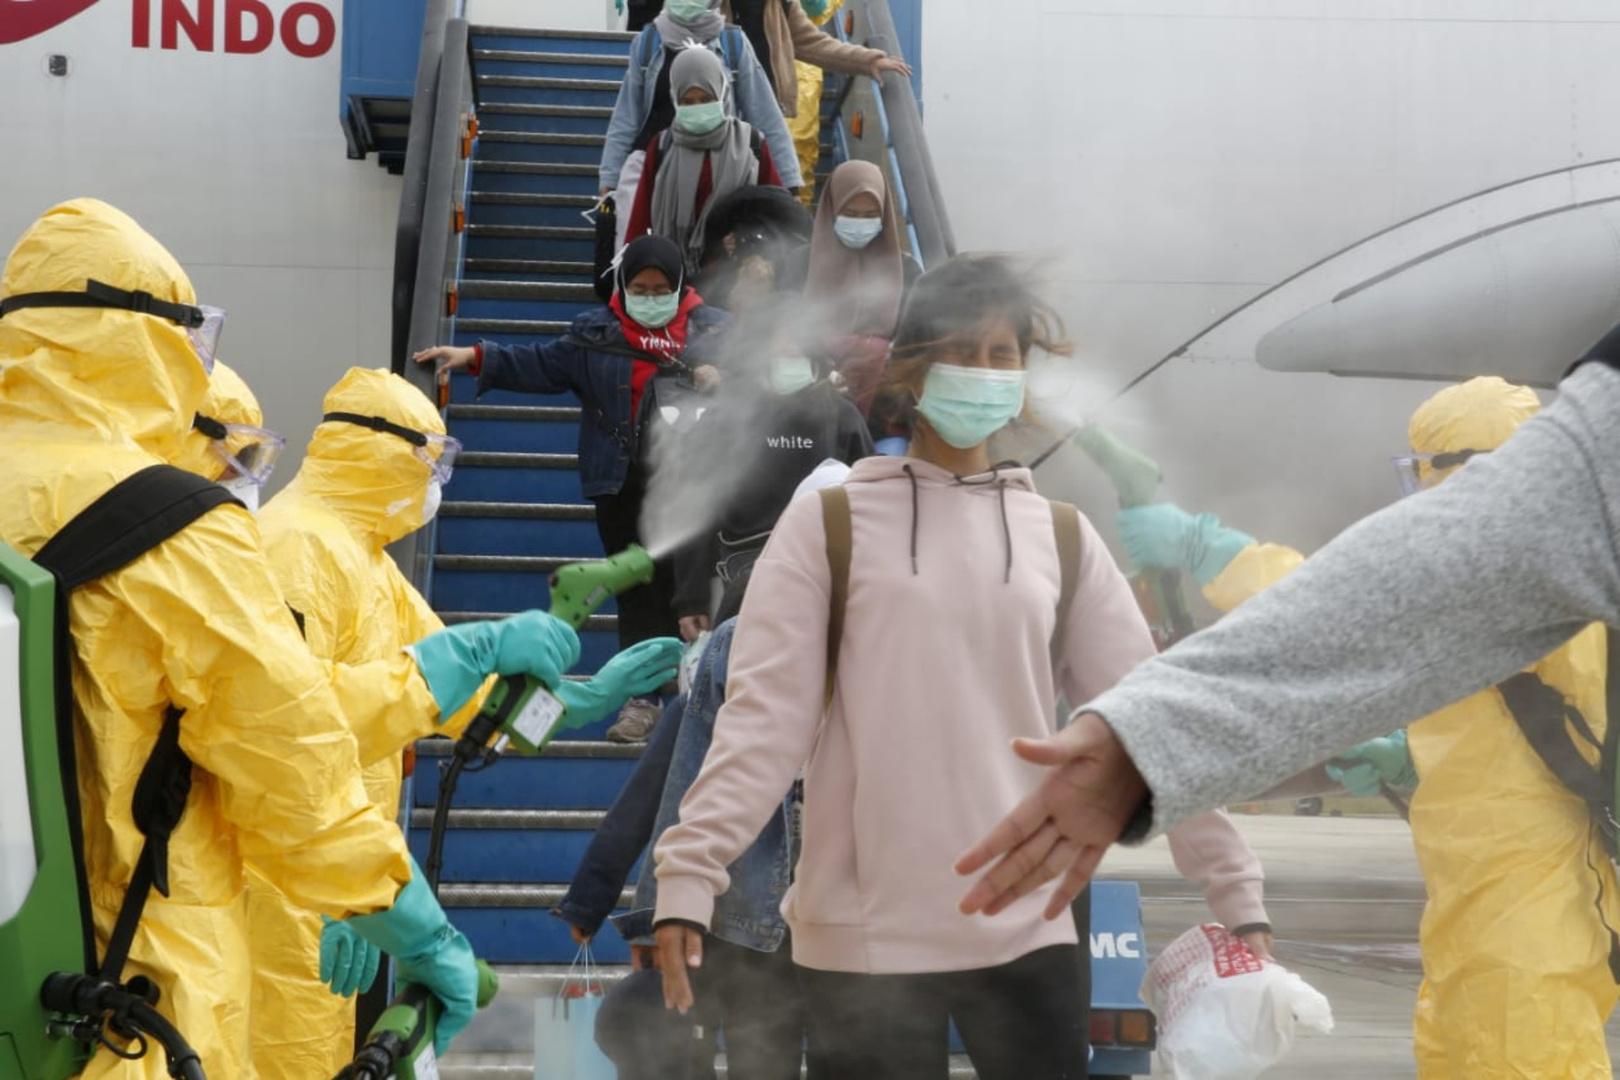 كوريا الشمالية: تدابير مشددة في المطارات والموانئ للحد من فيروس